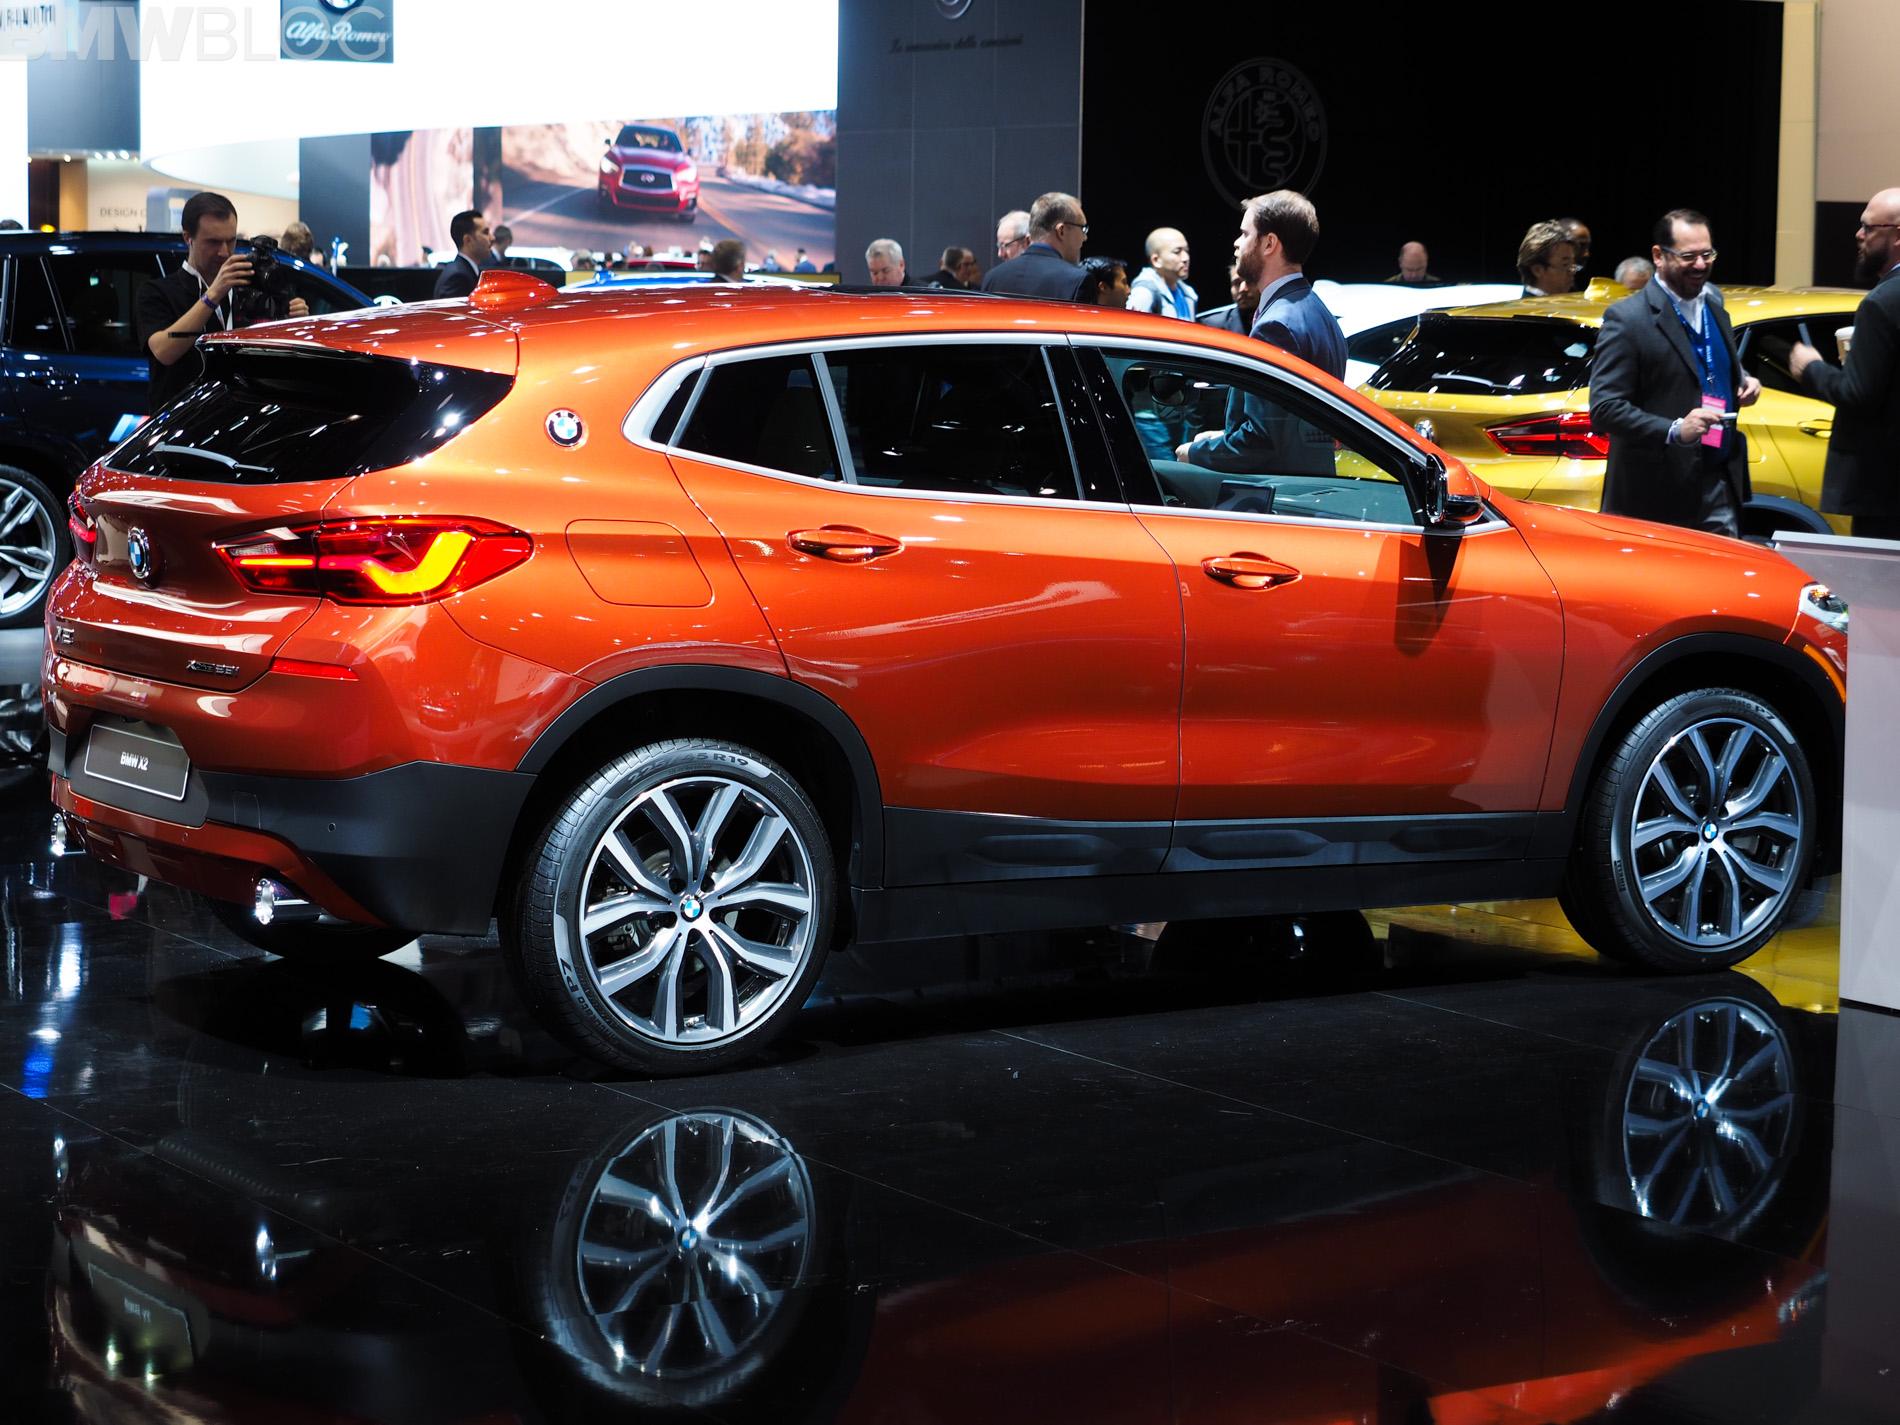 Good Color 2018 Detroit Auto Show Bmw X2 In Sunset Orange